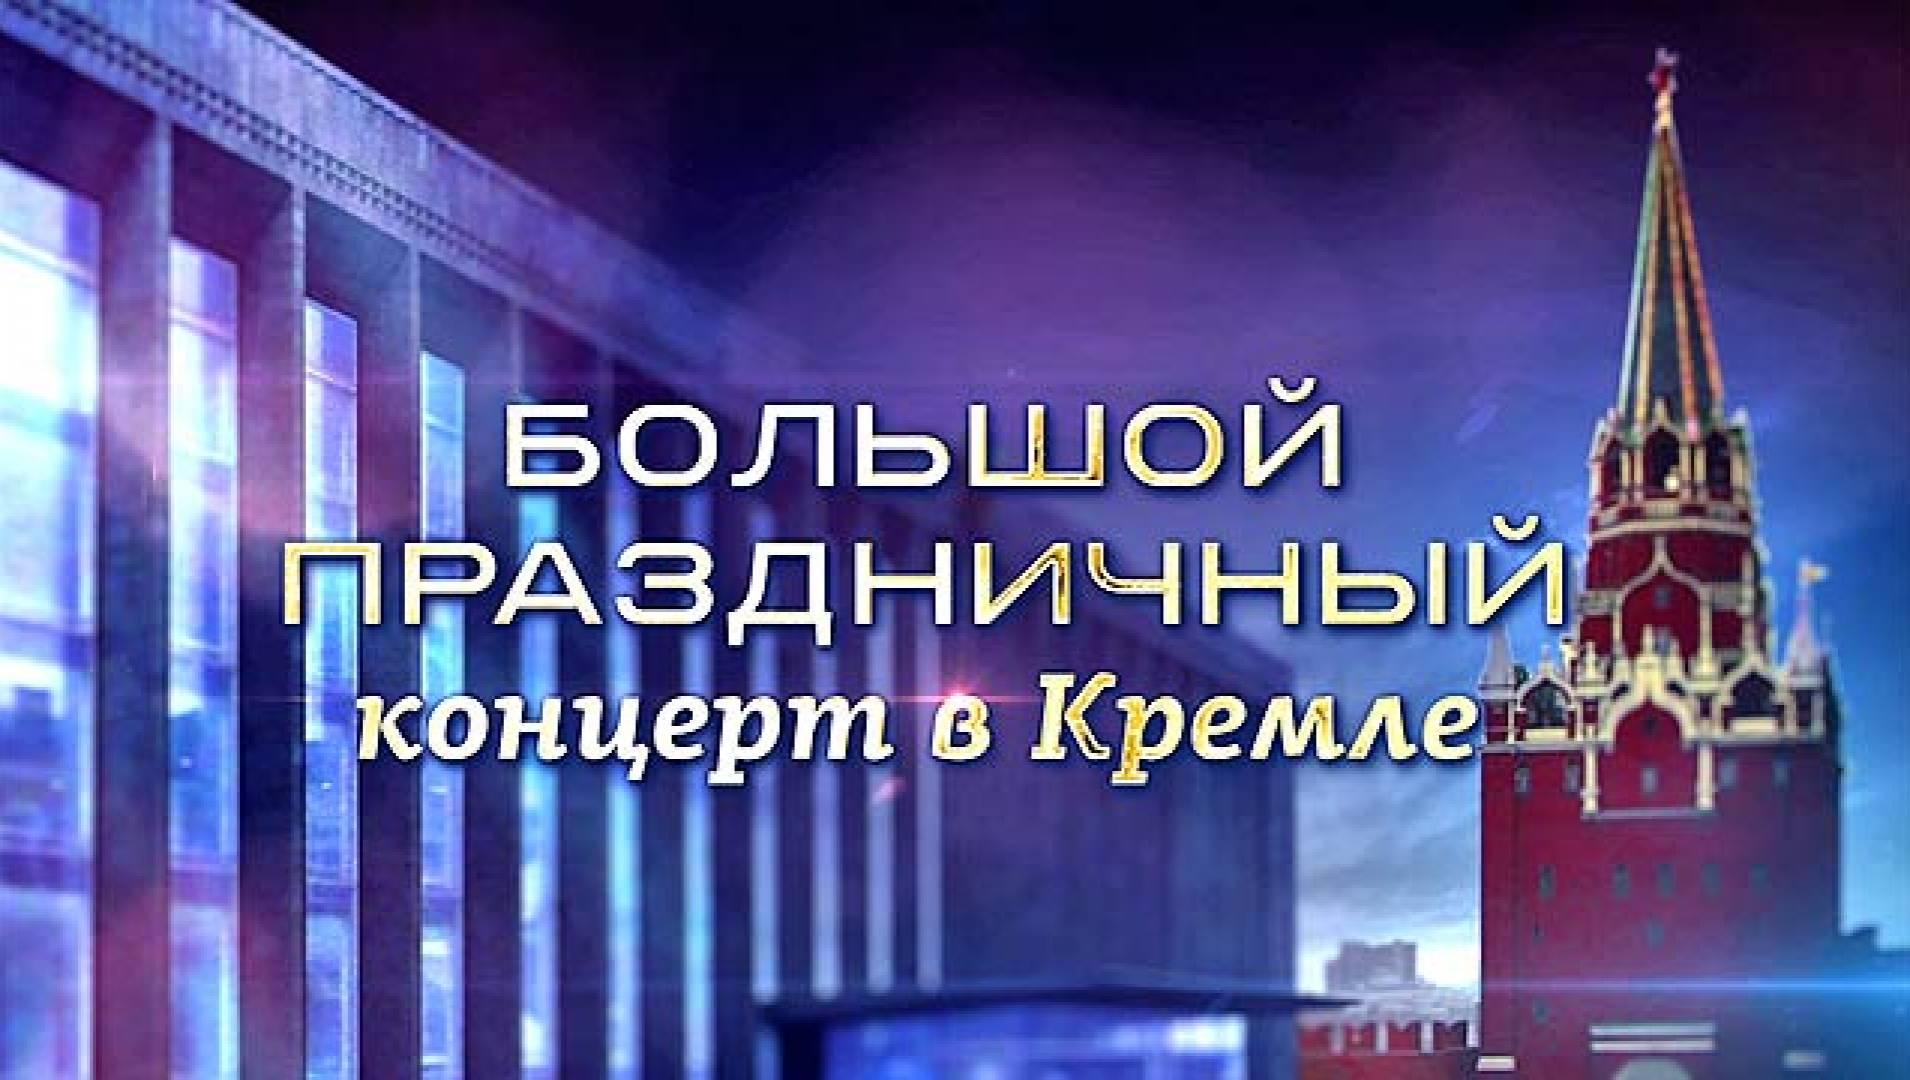 Большой праздничный концерт в Кремле - Концерт